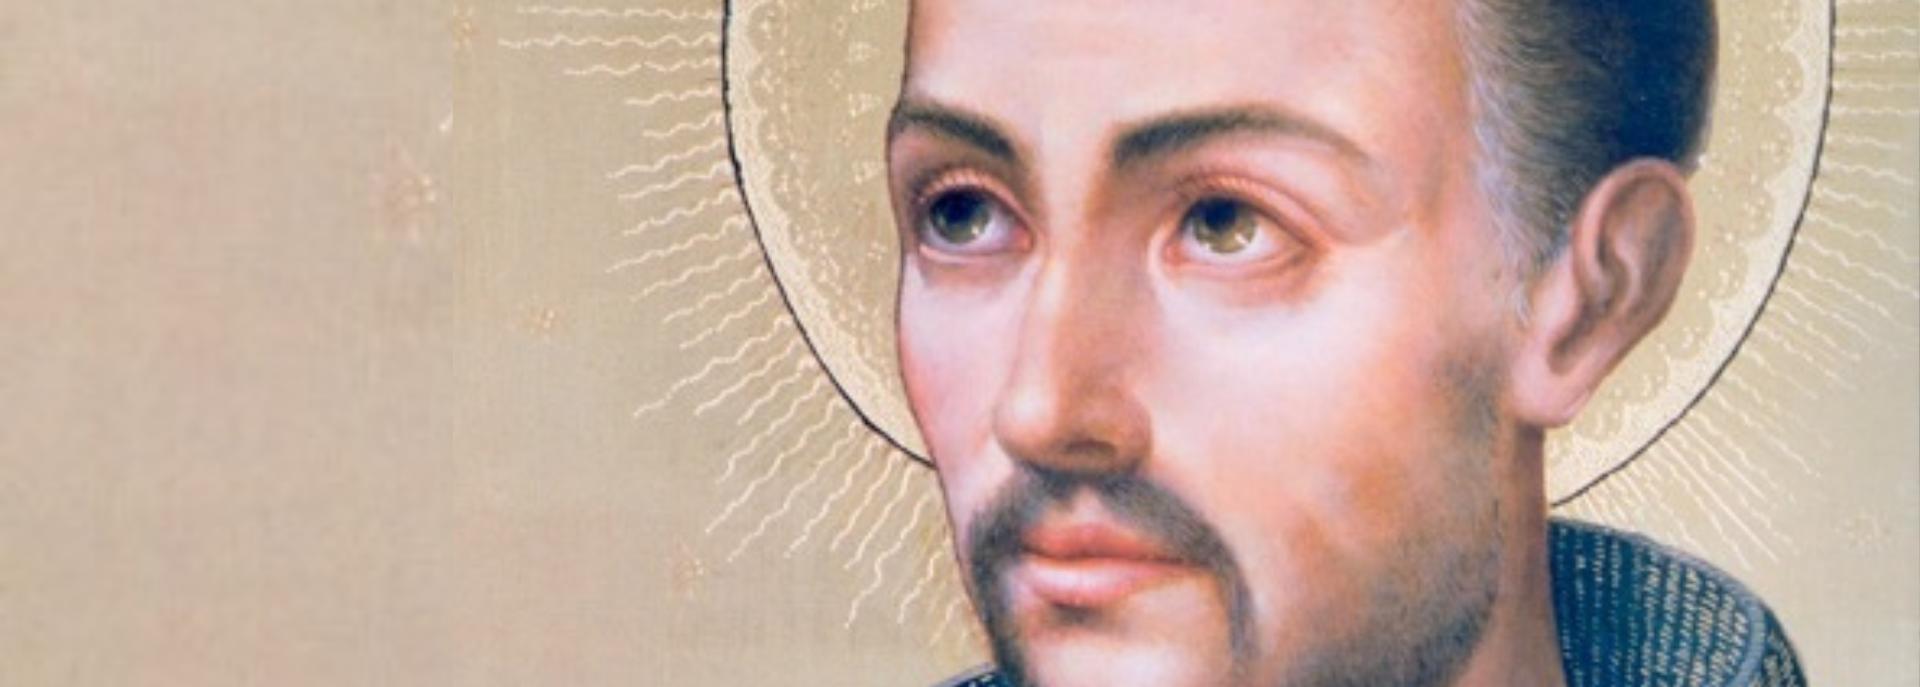 Solennità di San Giovanni di Dio: l'augurio del nostro Superiore Generale